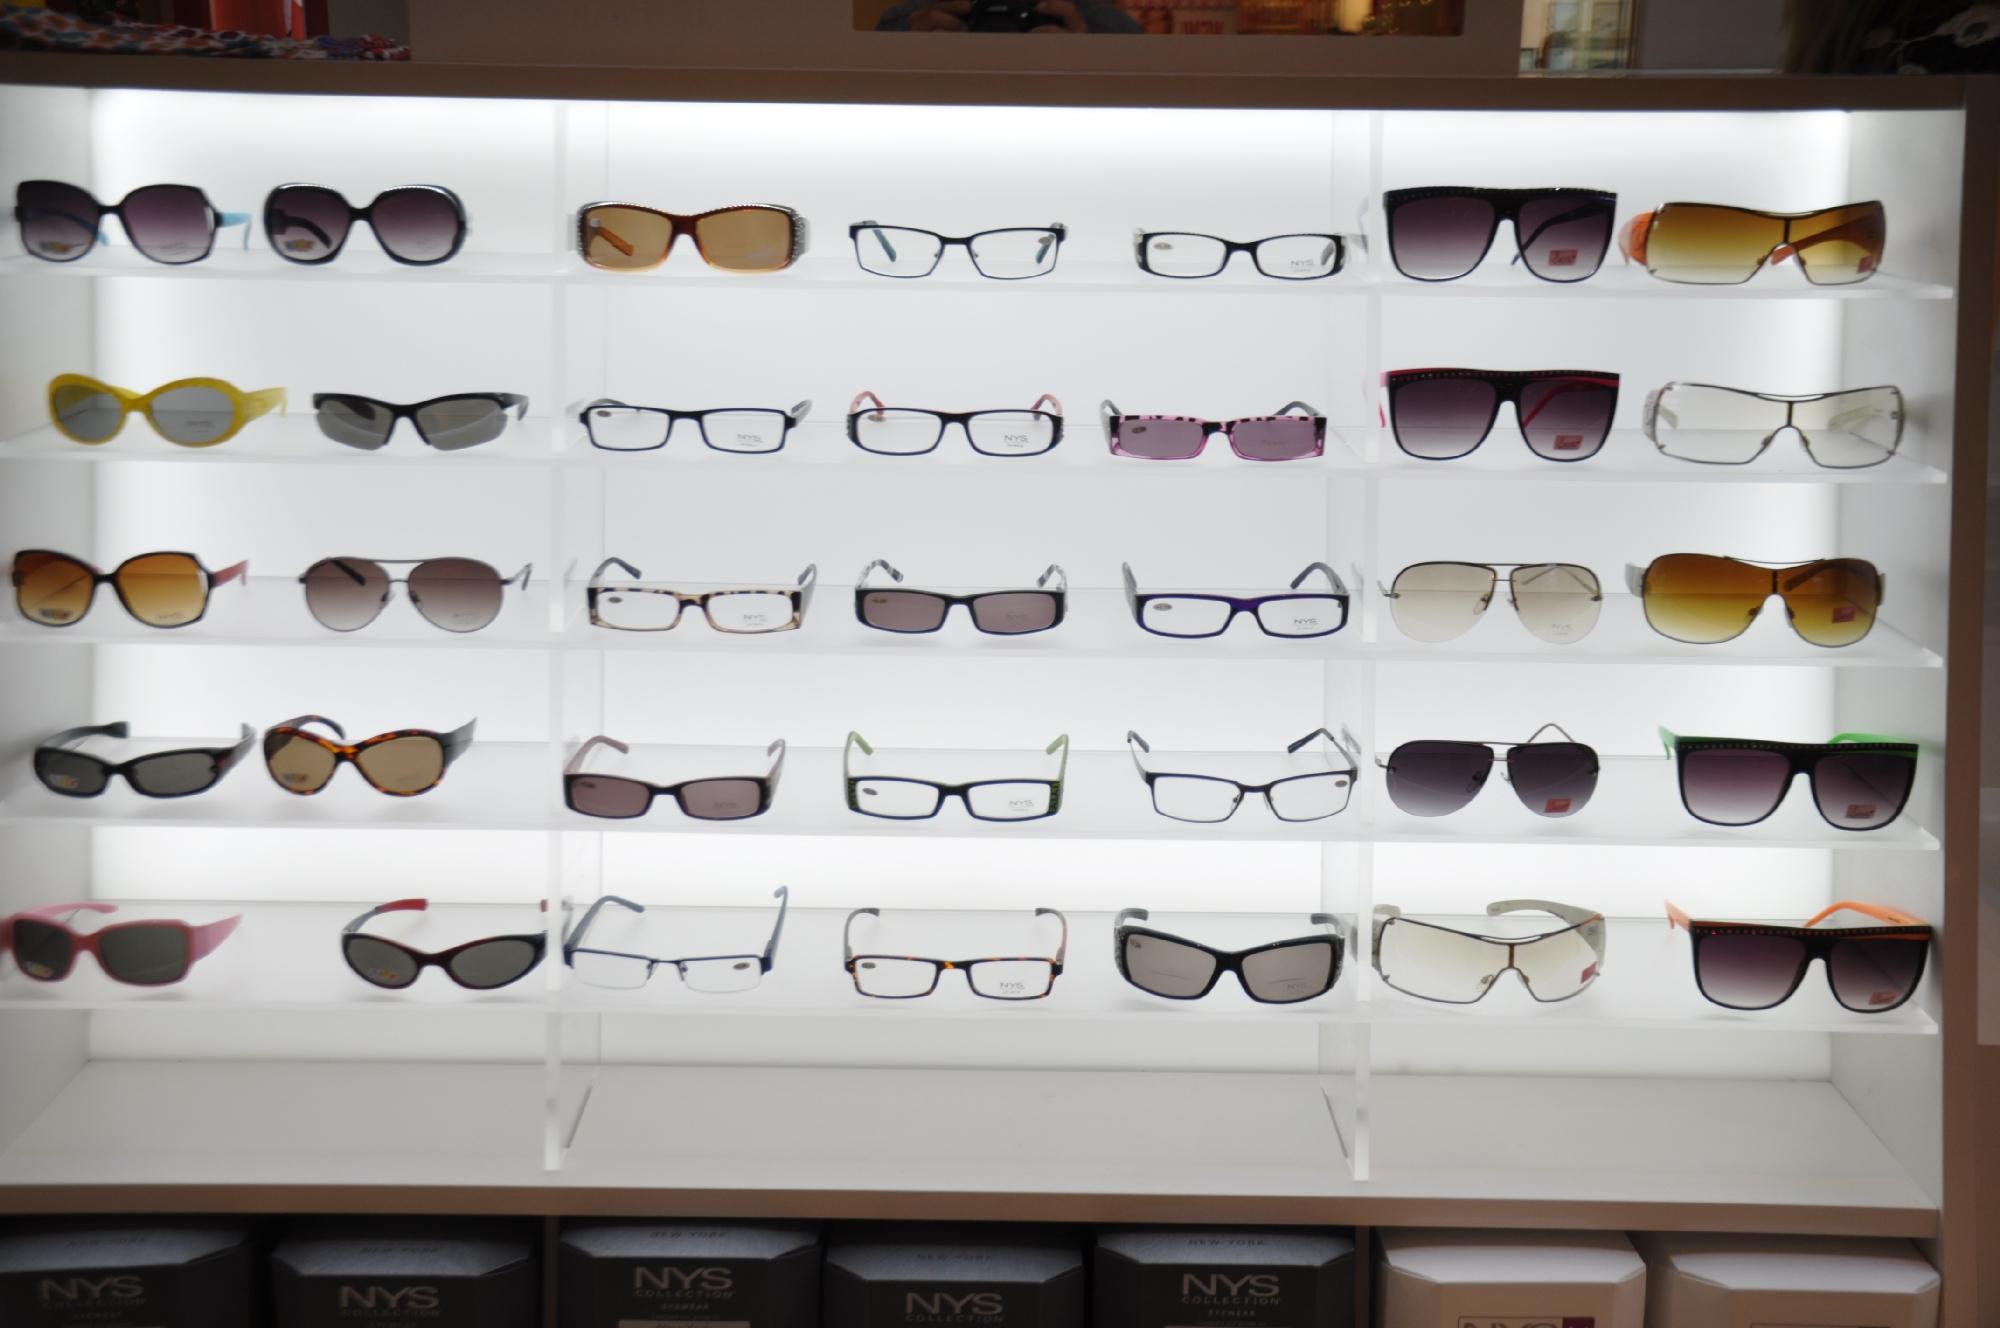 NYS KIOSK Freehold Mall 2012 078__60.jpg